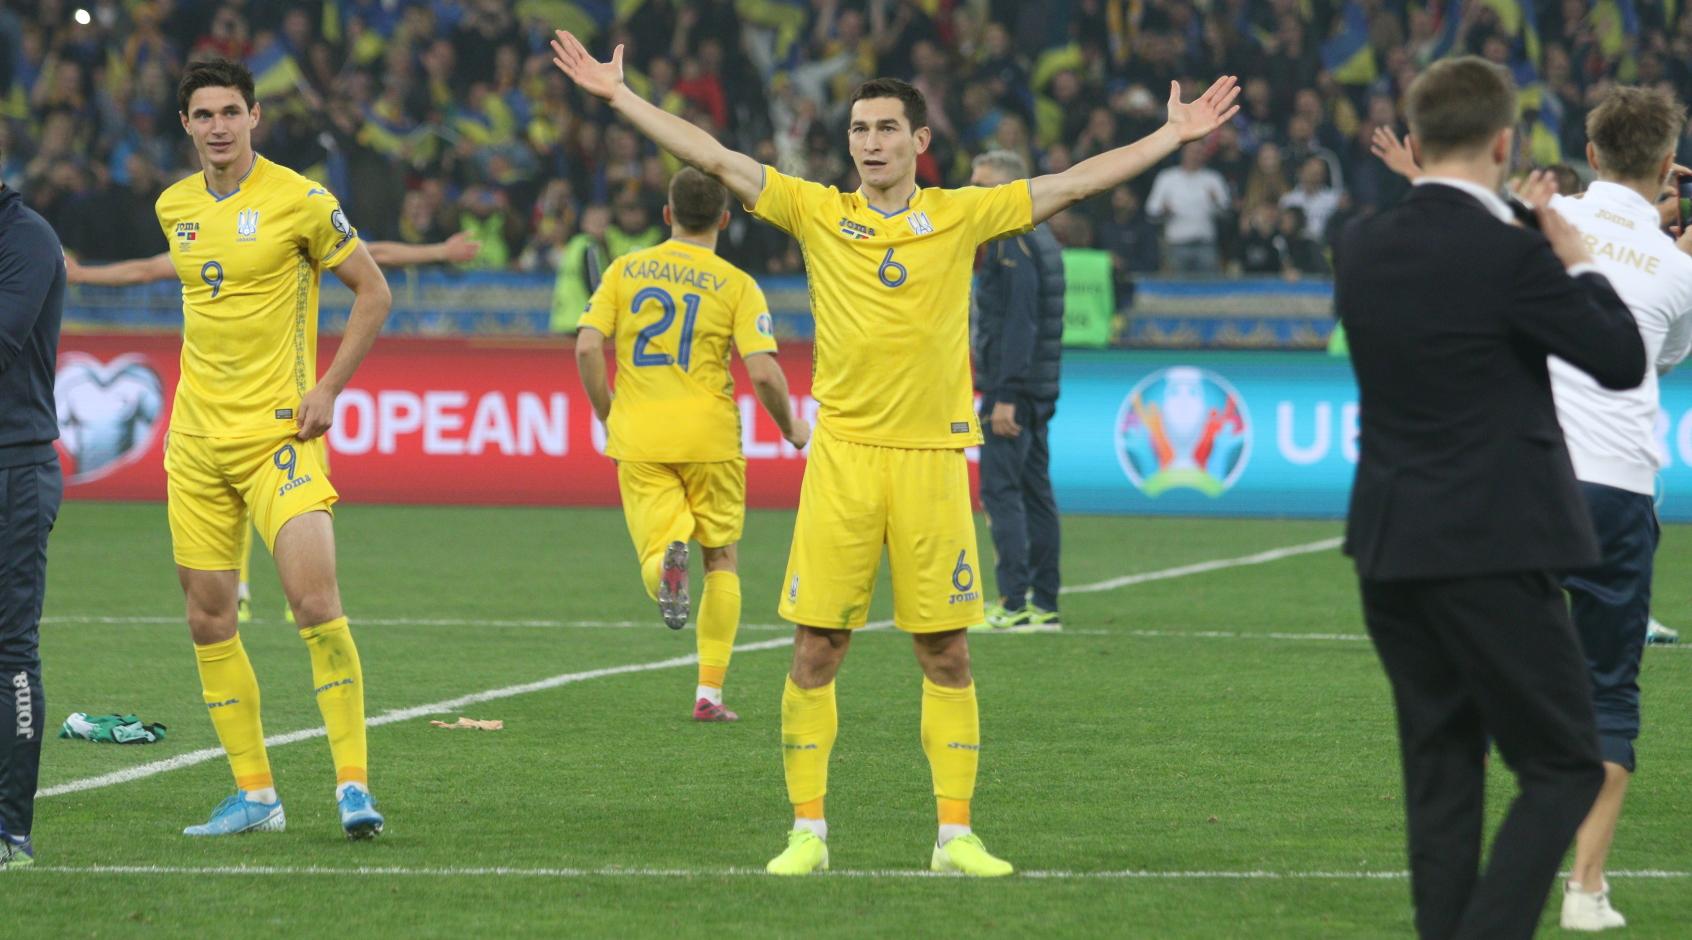 Степаненко провів 500-й матч у складі українських команд, Матвієнко - 200-й